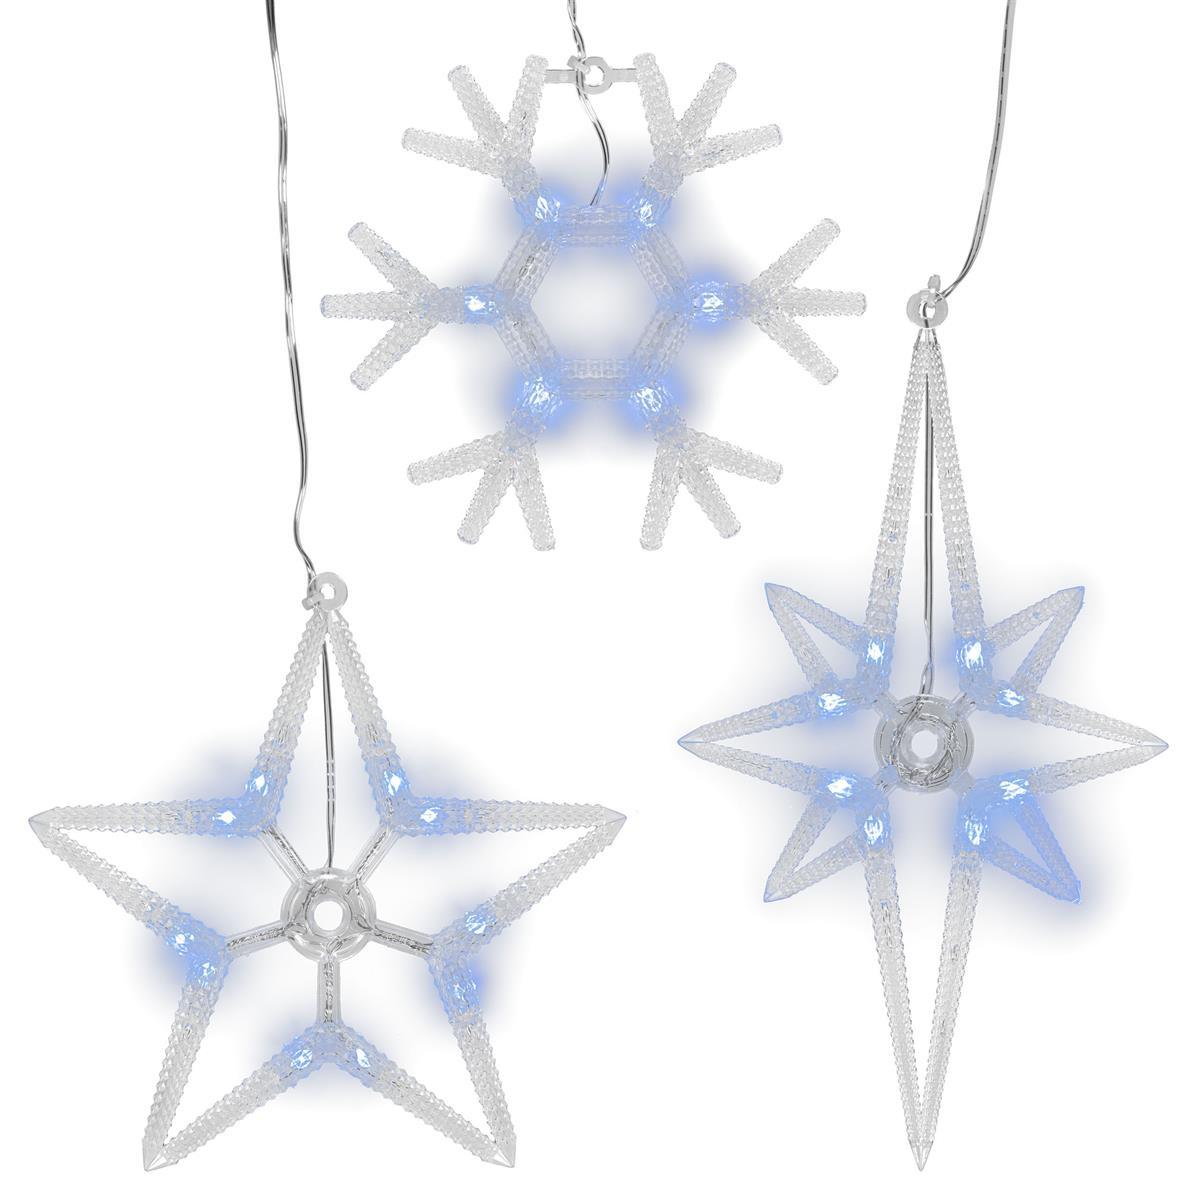 3er Set Fensterbilder 24 LED Stern Polarstern Schneeflocke Weihnachtsbeleuchtung